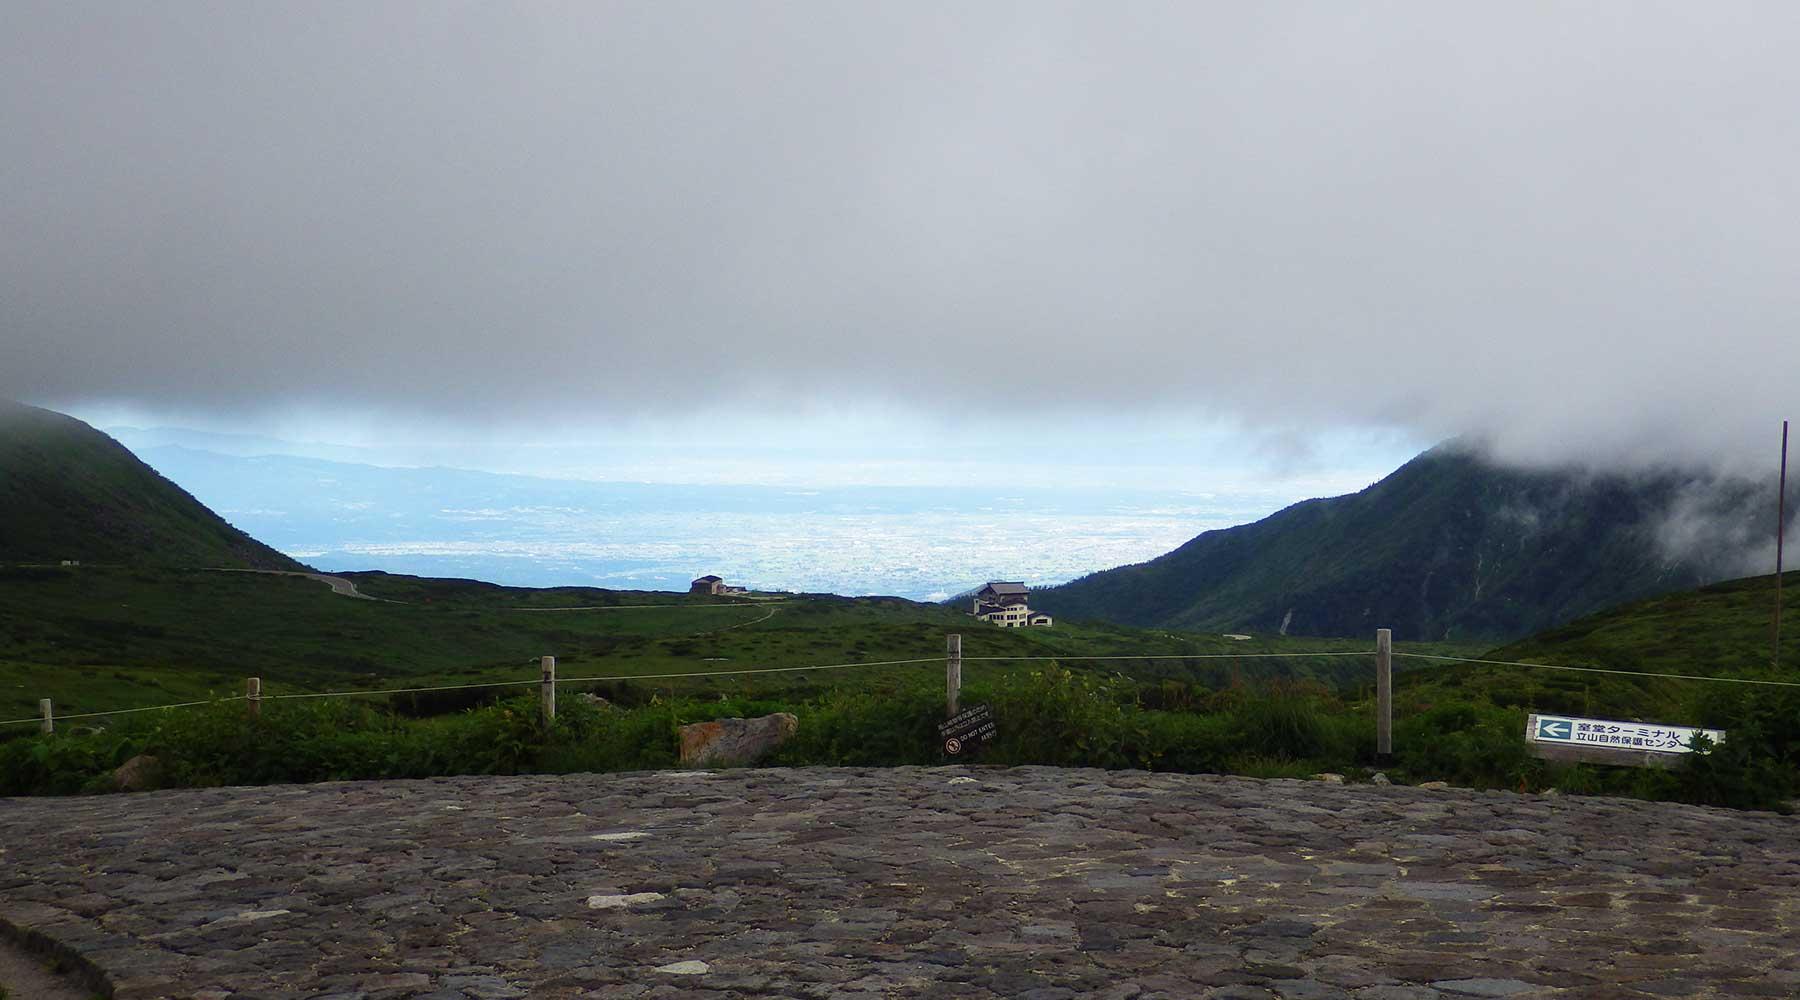 室堂から見た富山市方面